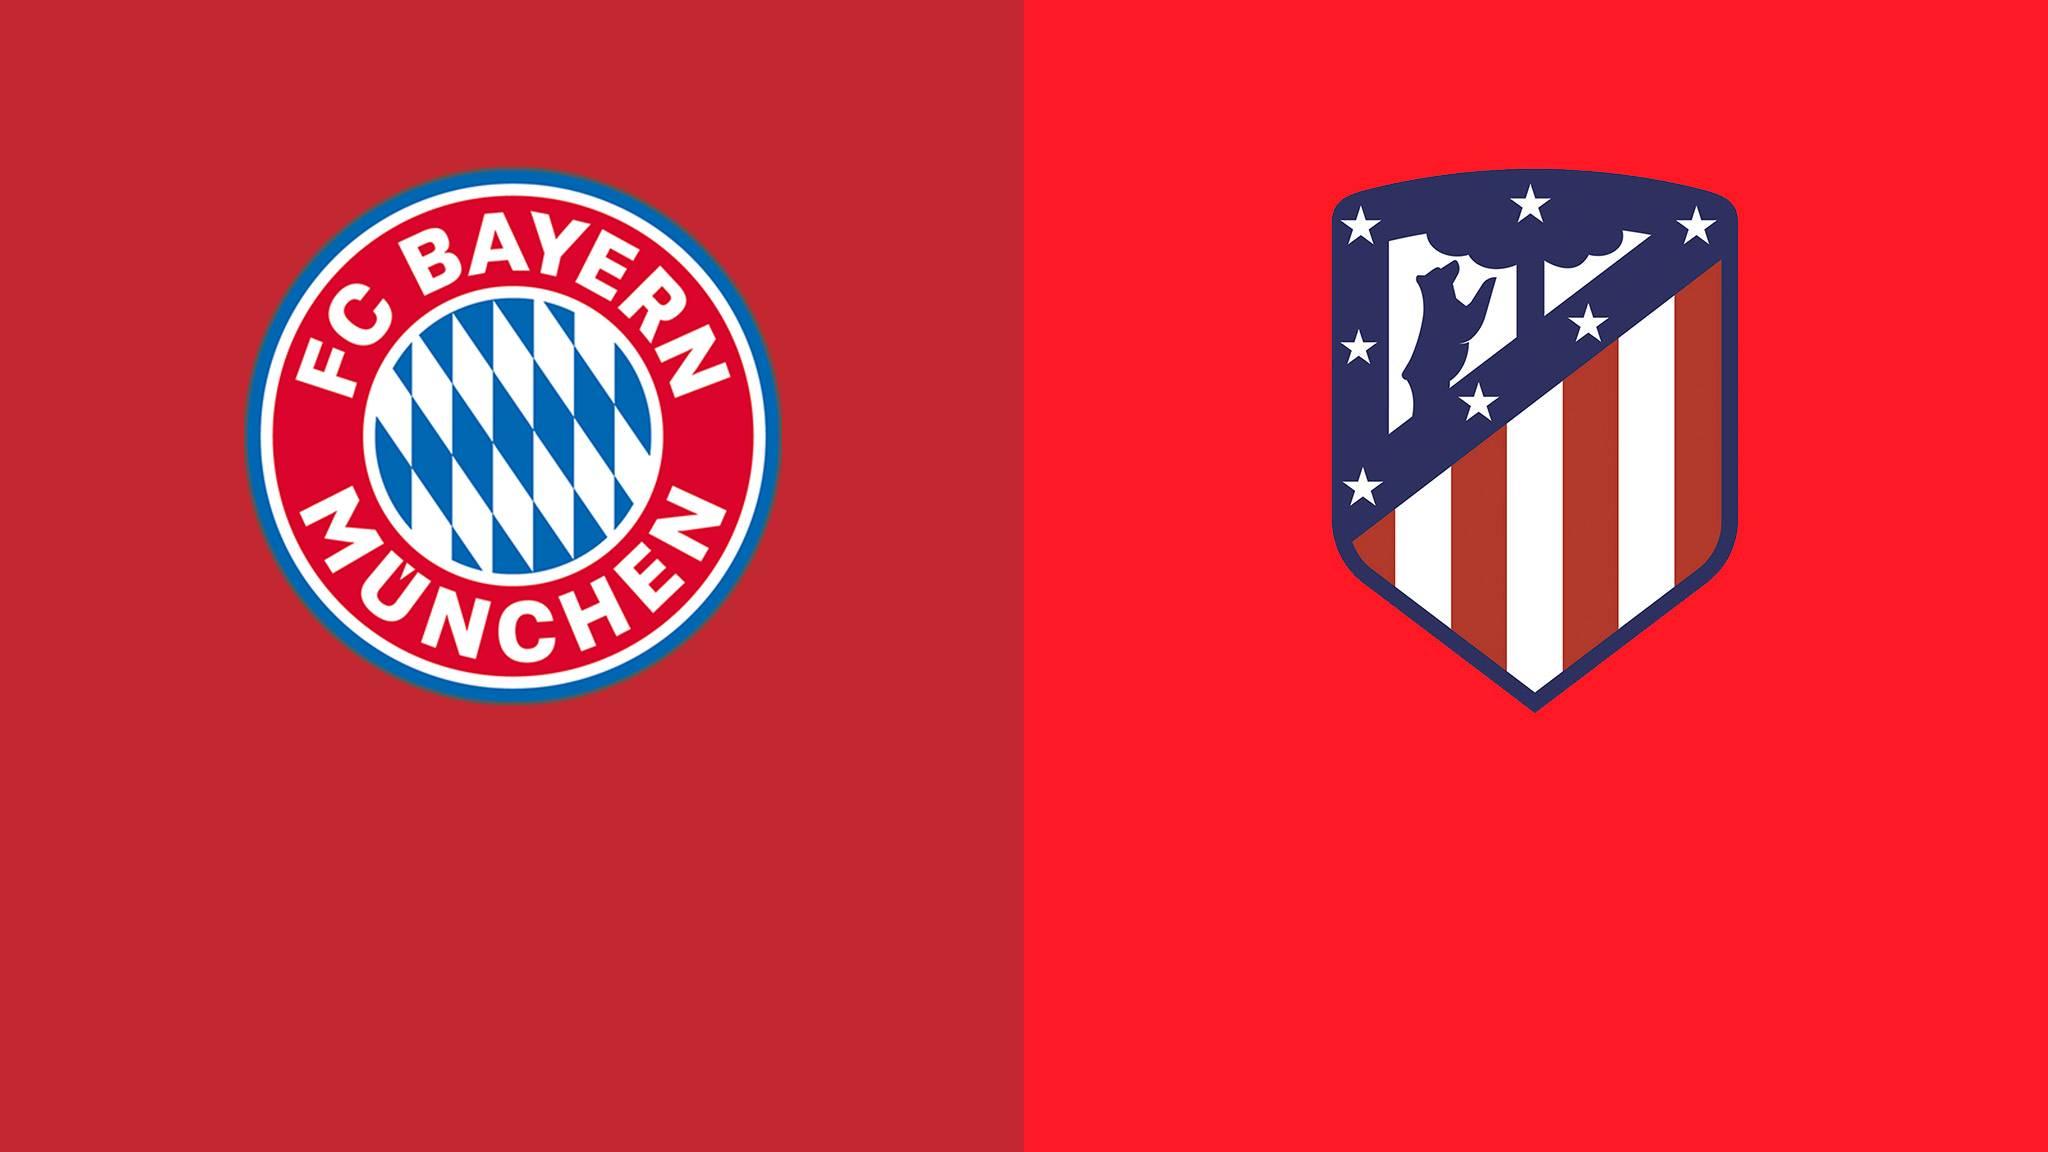 موعد مباراة أتليتكو مدريد ضد بايرن ميونخ والقنوات الناقلة وقمة نارية بدوري أبطال أوروبا